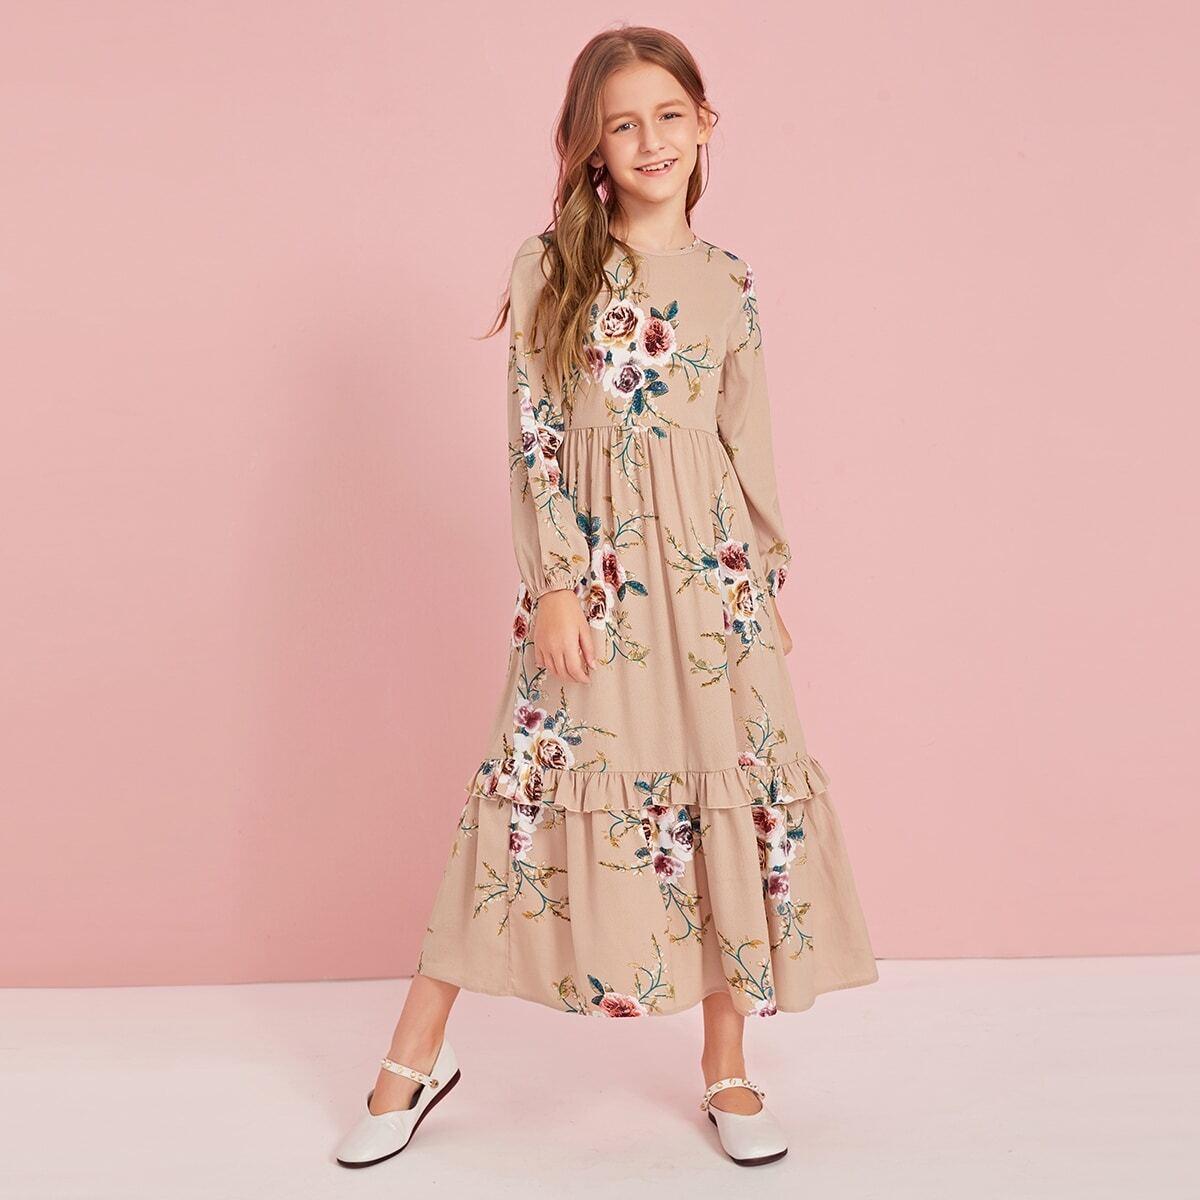 Цветочное платье с молнией сзади для девочек от SHEIN